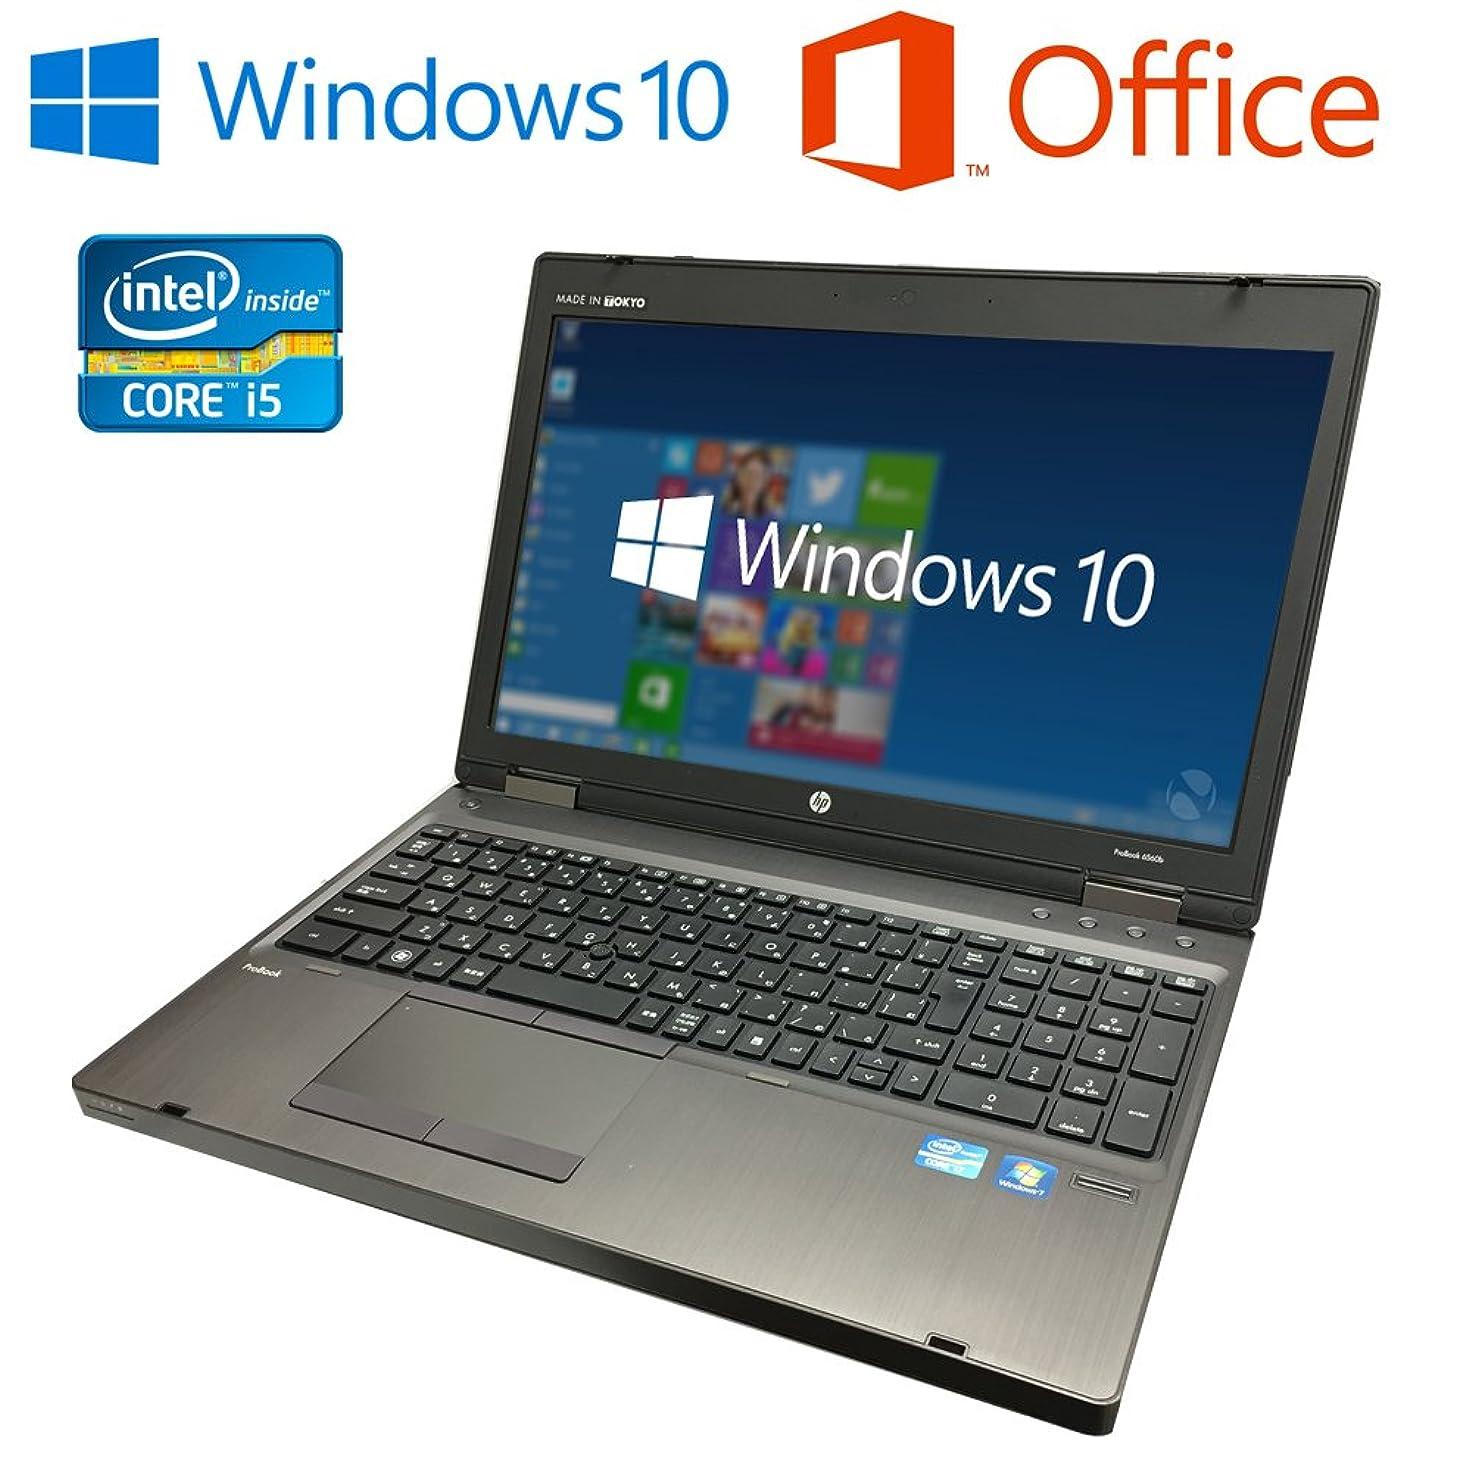 同封するストライド交渉するHP PROBOOK 6570B 【Microsoft Office2016搭載/最新OS Win10搭載/無線LAN/テンキー/三世代Core i5(3210M)2.5GHz/メモリ4GB/HDD320GB/スーパーマルチ/15.6インチ液晶】中古ノートパソコン